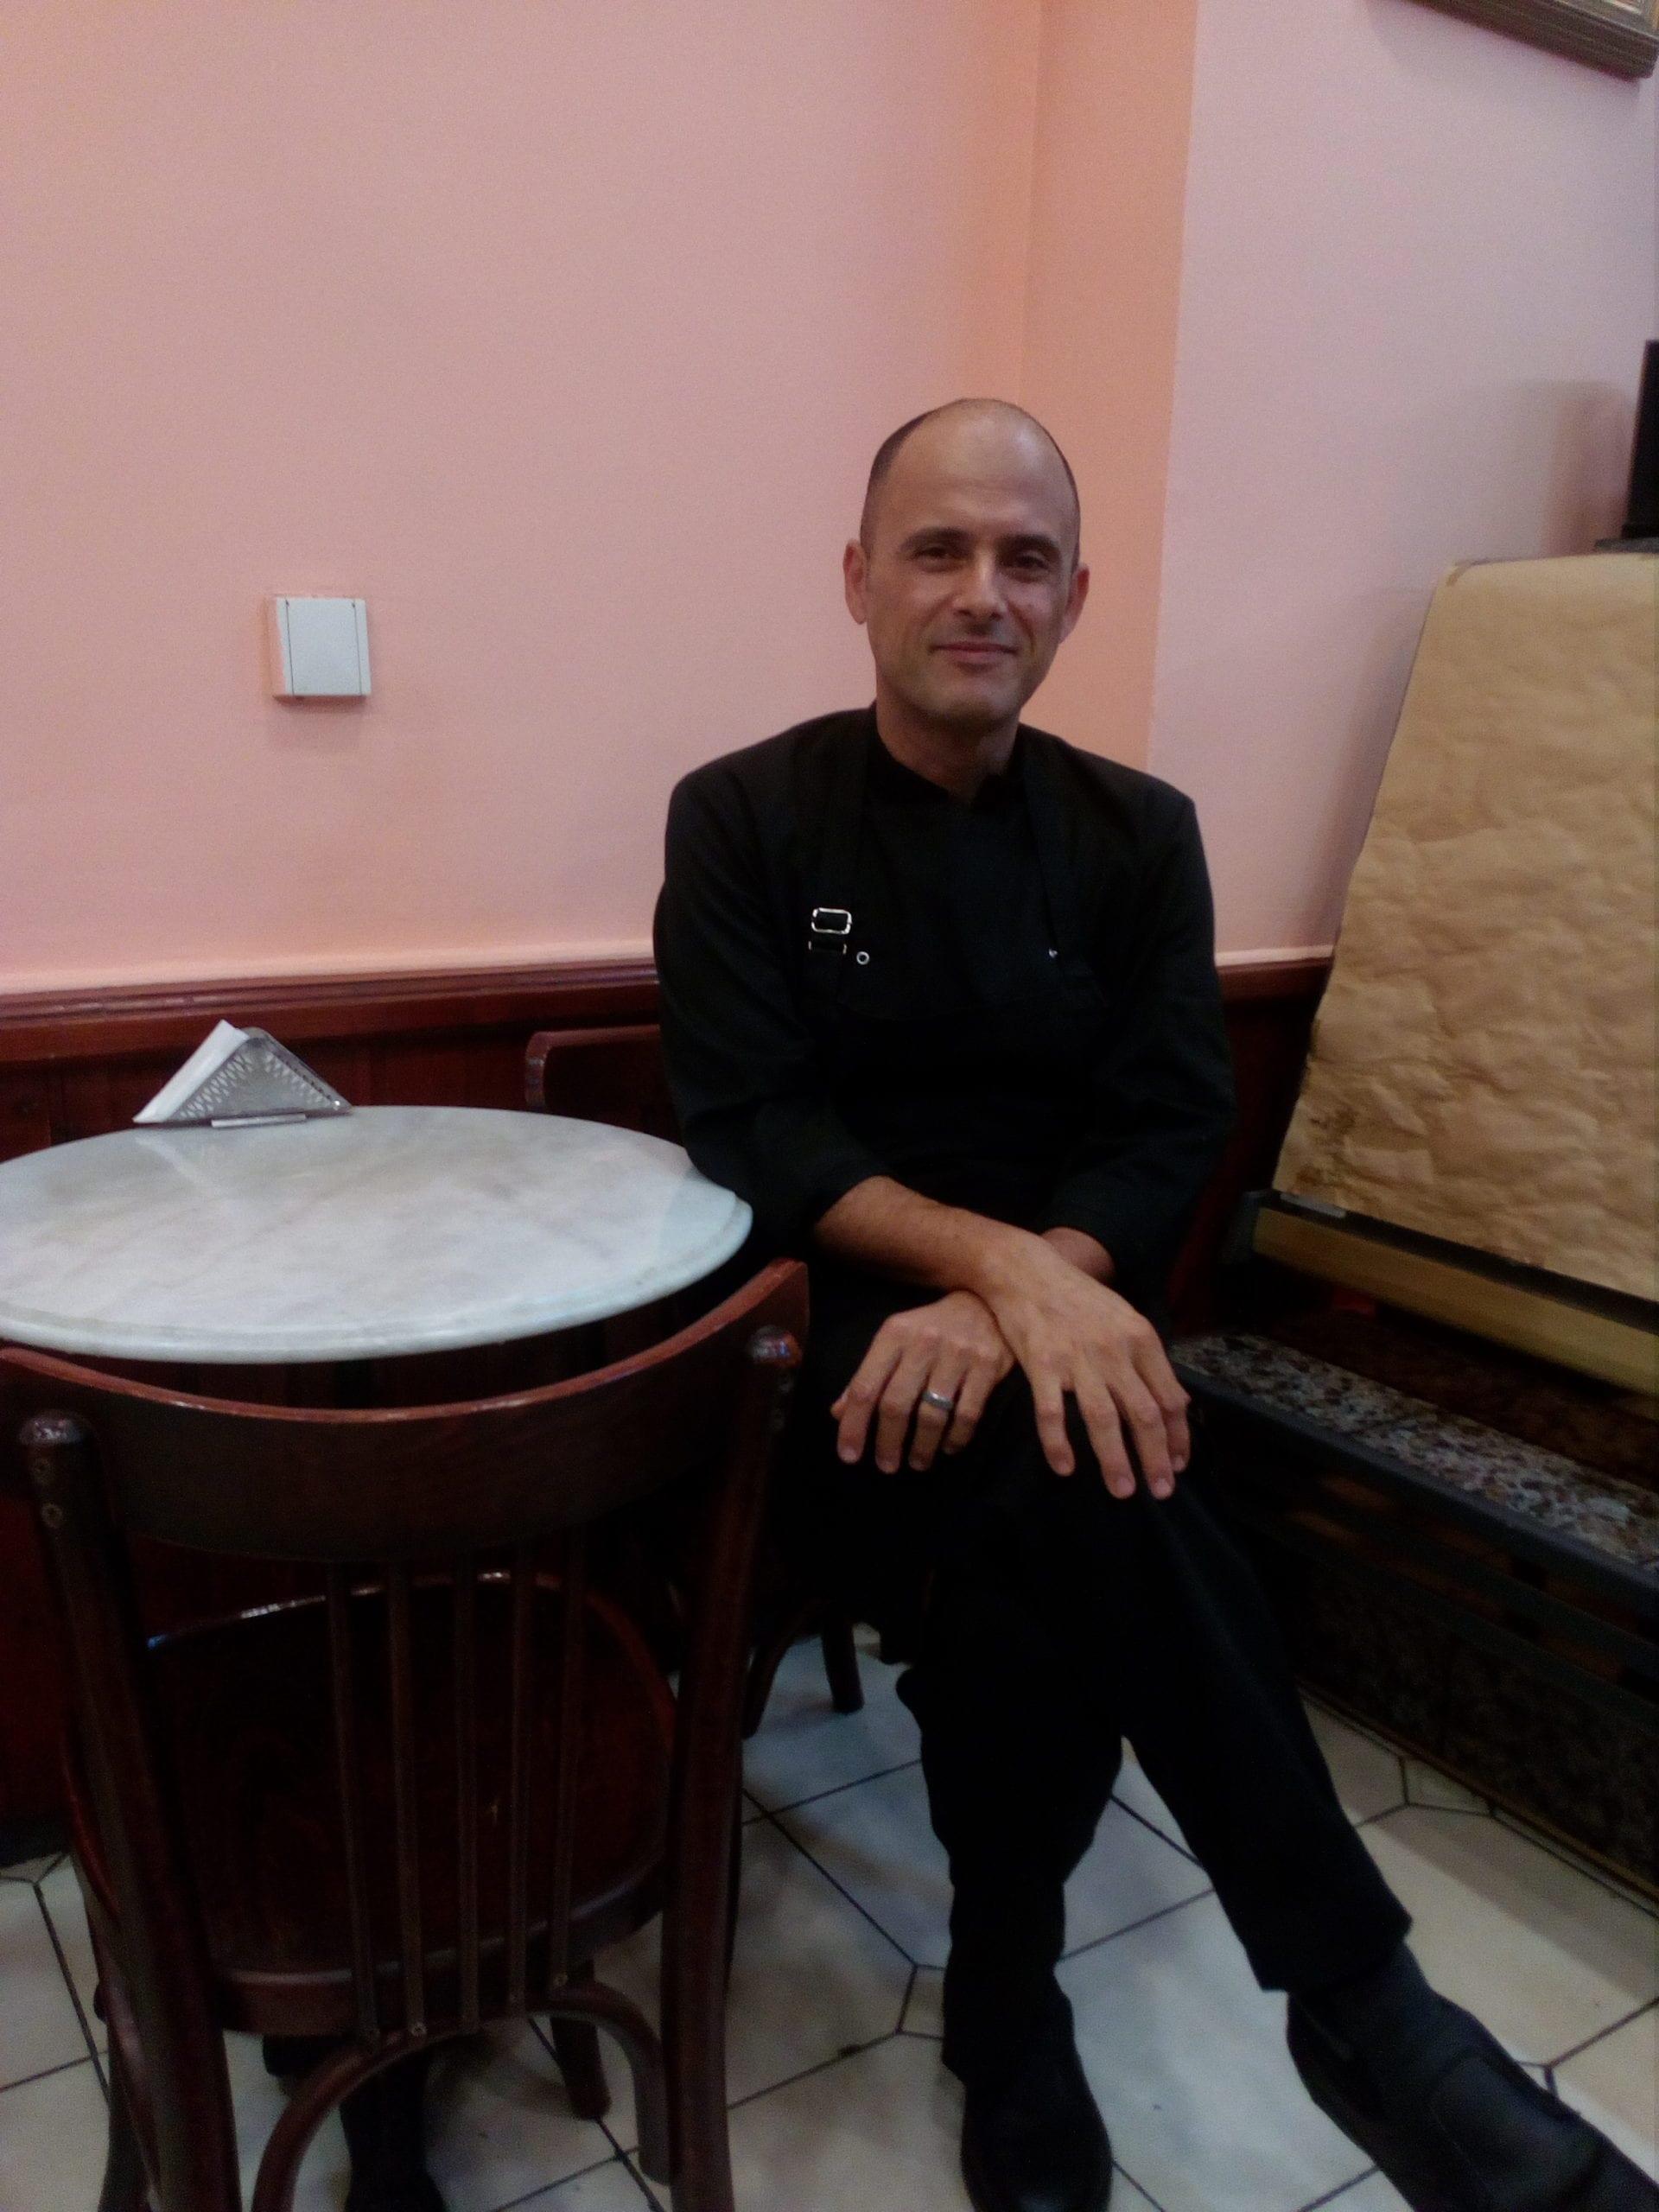 Θοδωρής Κτιστάκης (Φωτογραφία Αφροδίτη Ερμίδη)